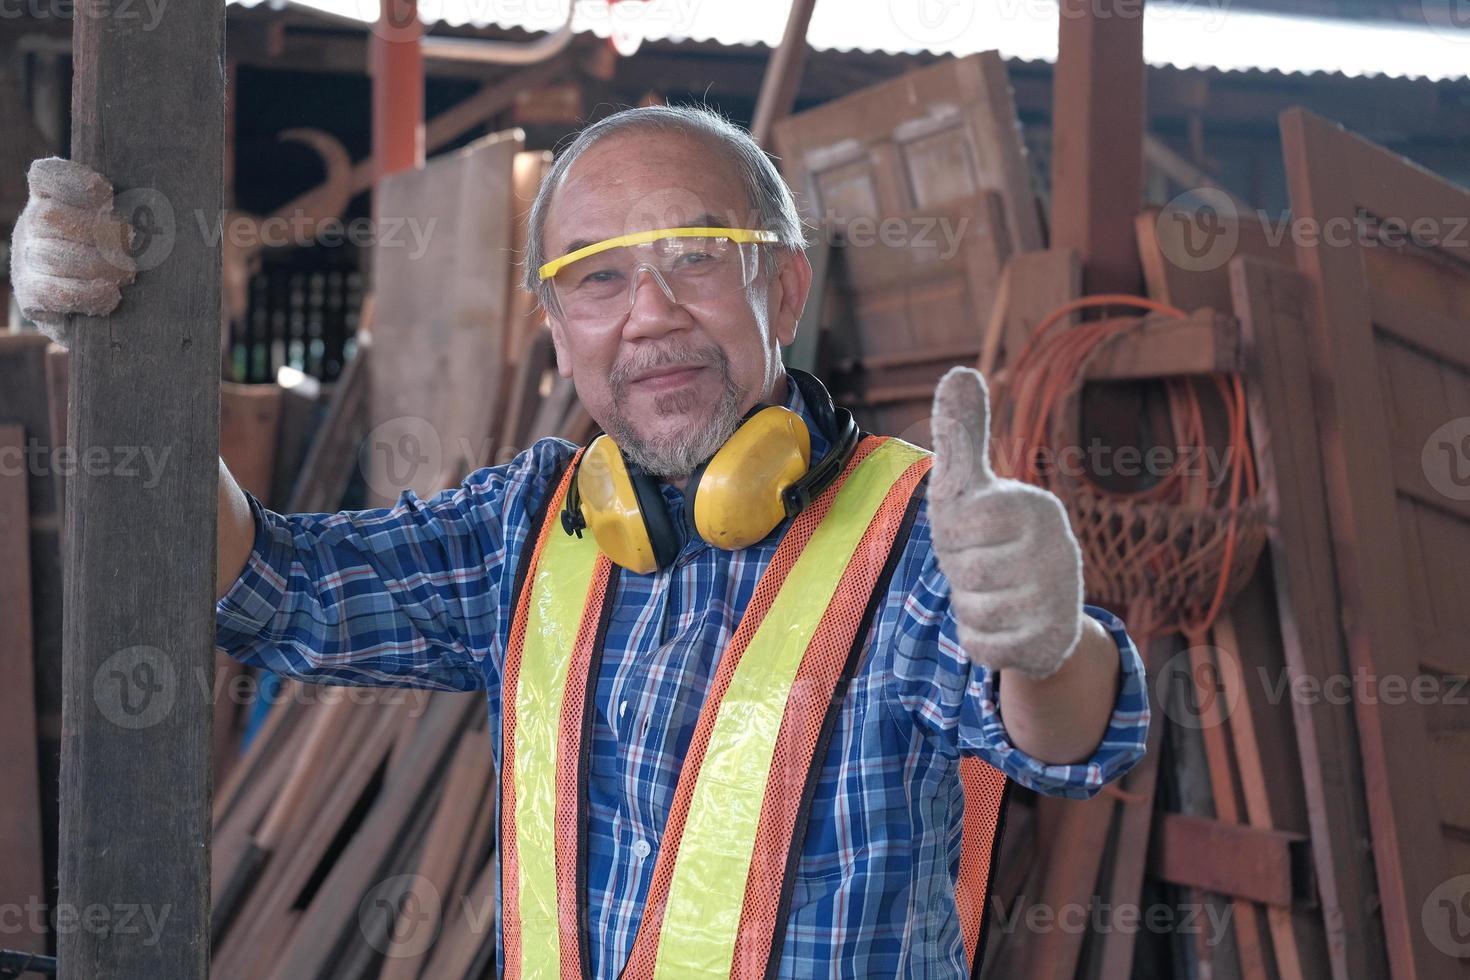 Senior männlicher Tischler arbeitet und Daumen hoch in der Holzsägewerksfabrik. foto